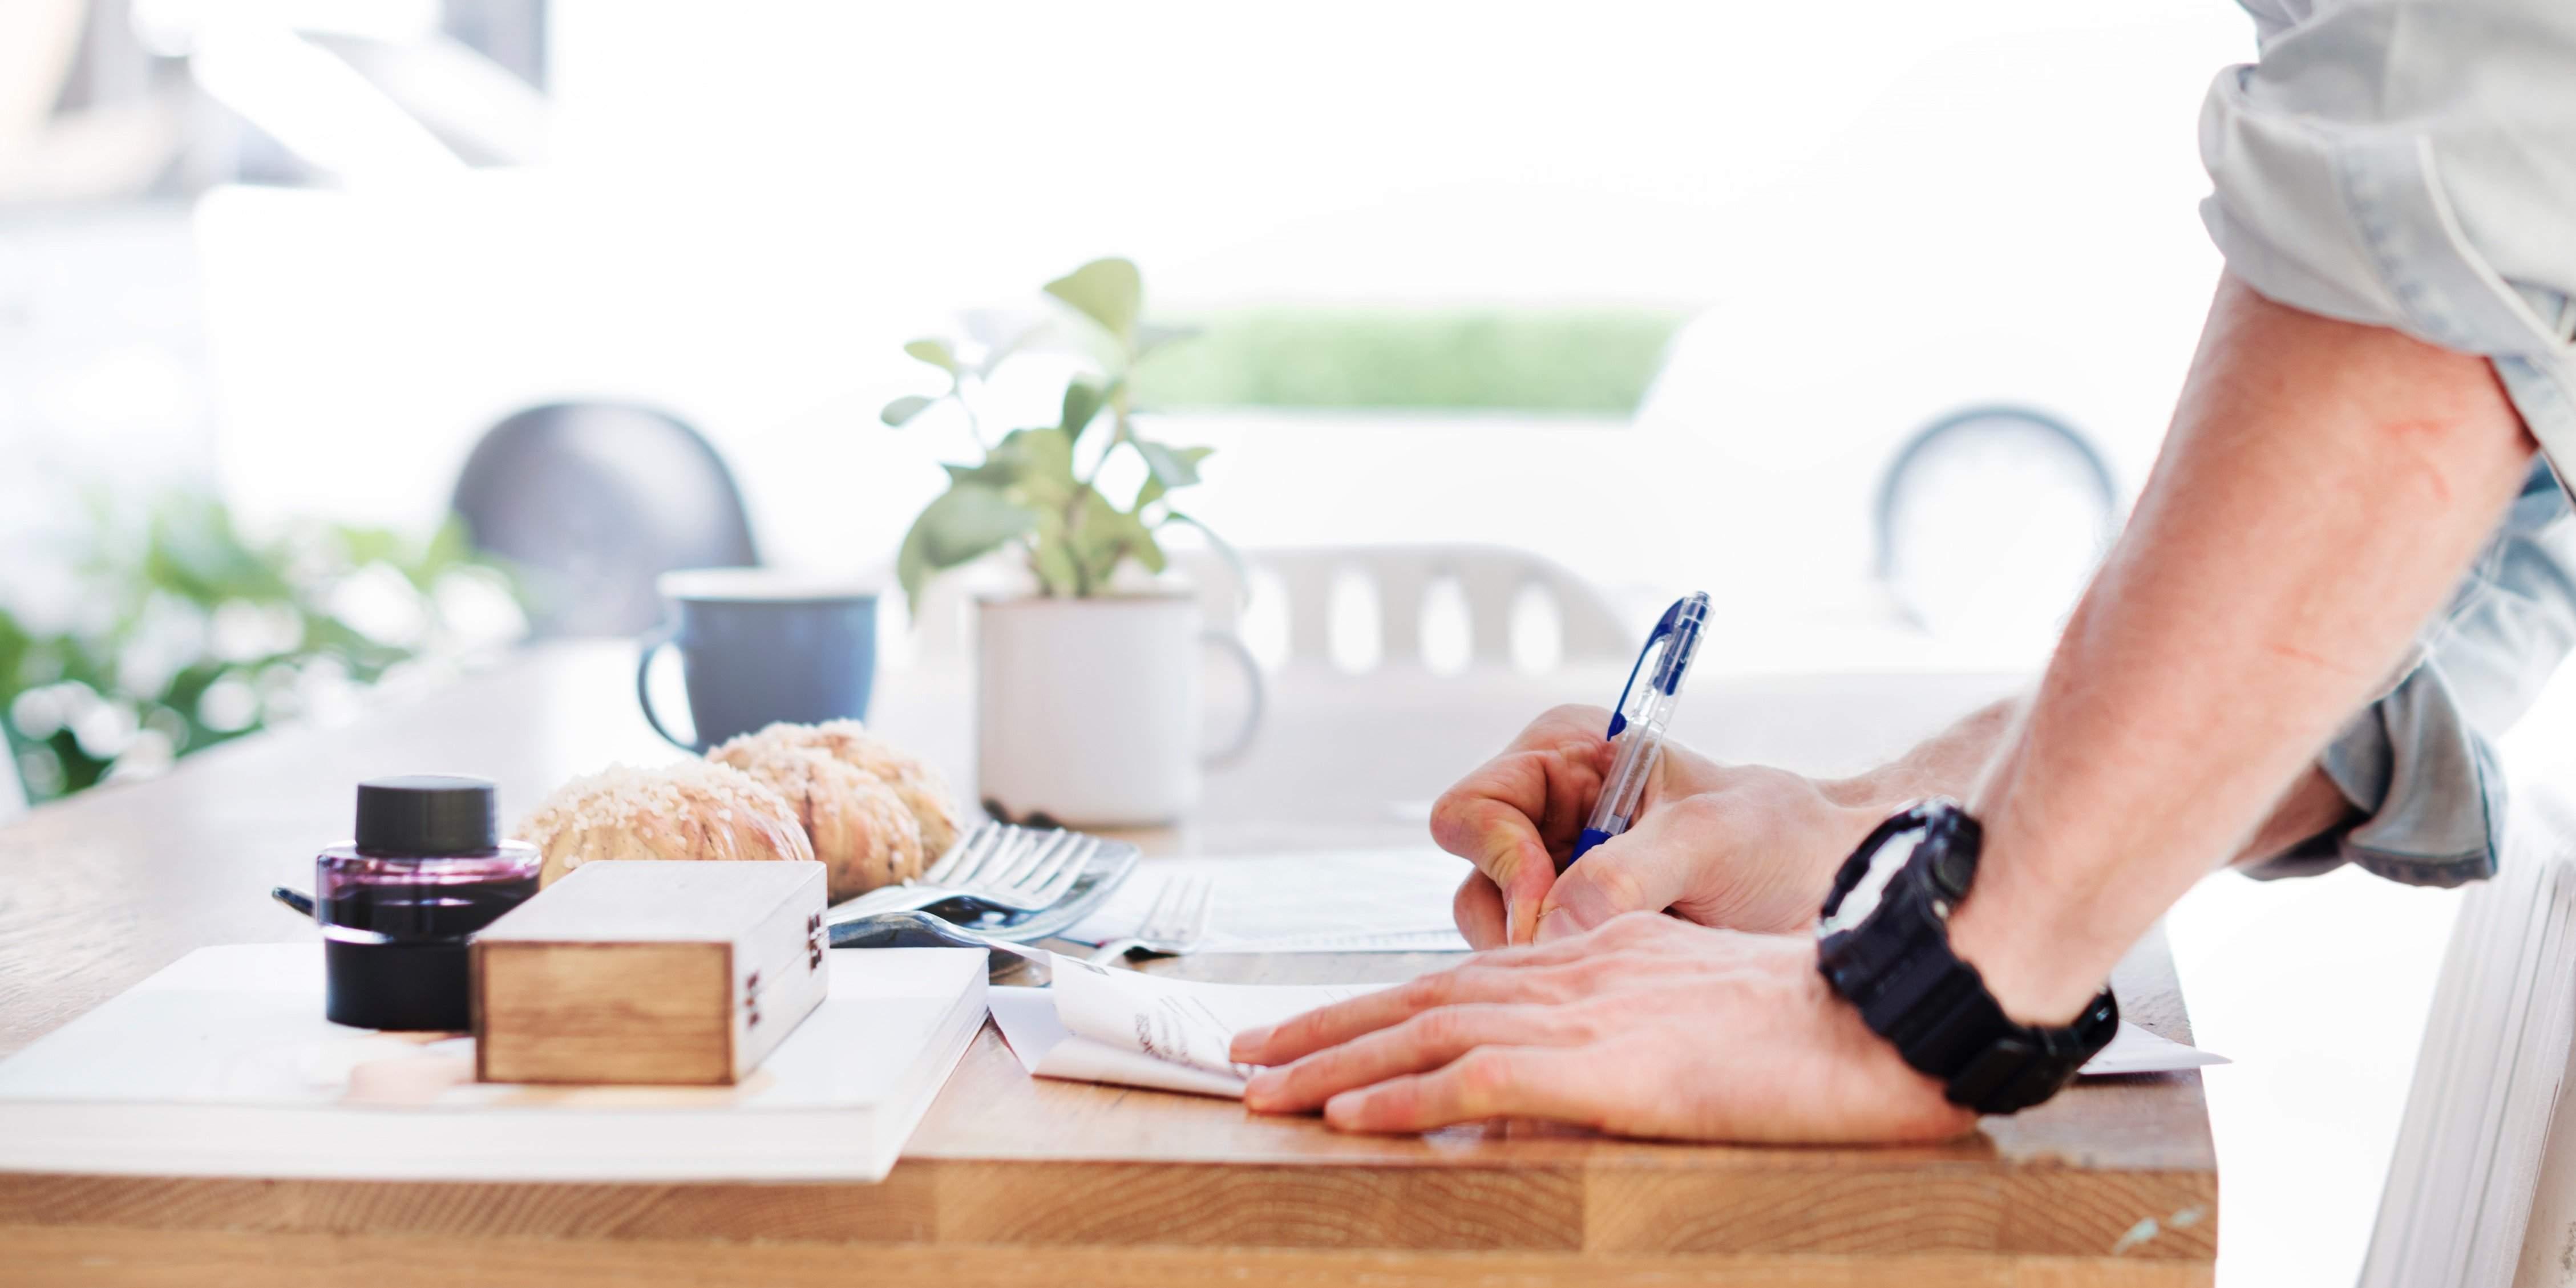 Đọc kỹ hợp đồng bảo hiểm trước khi ký kết